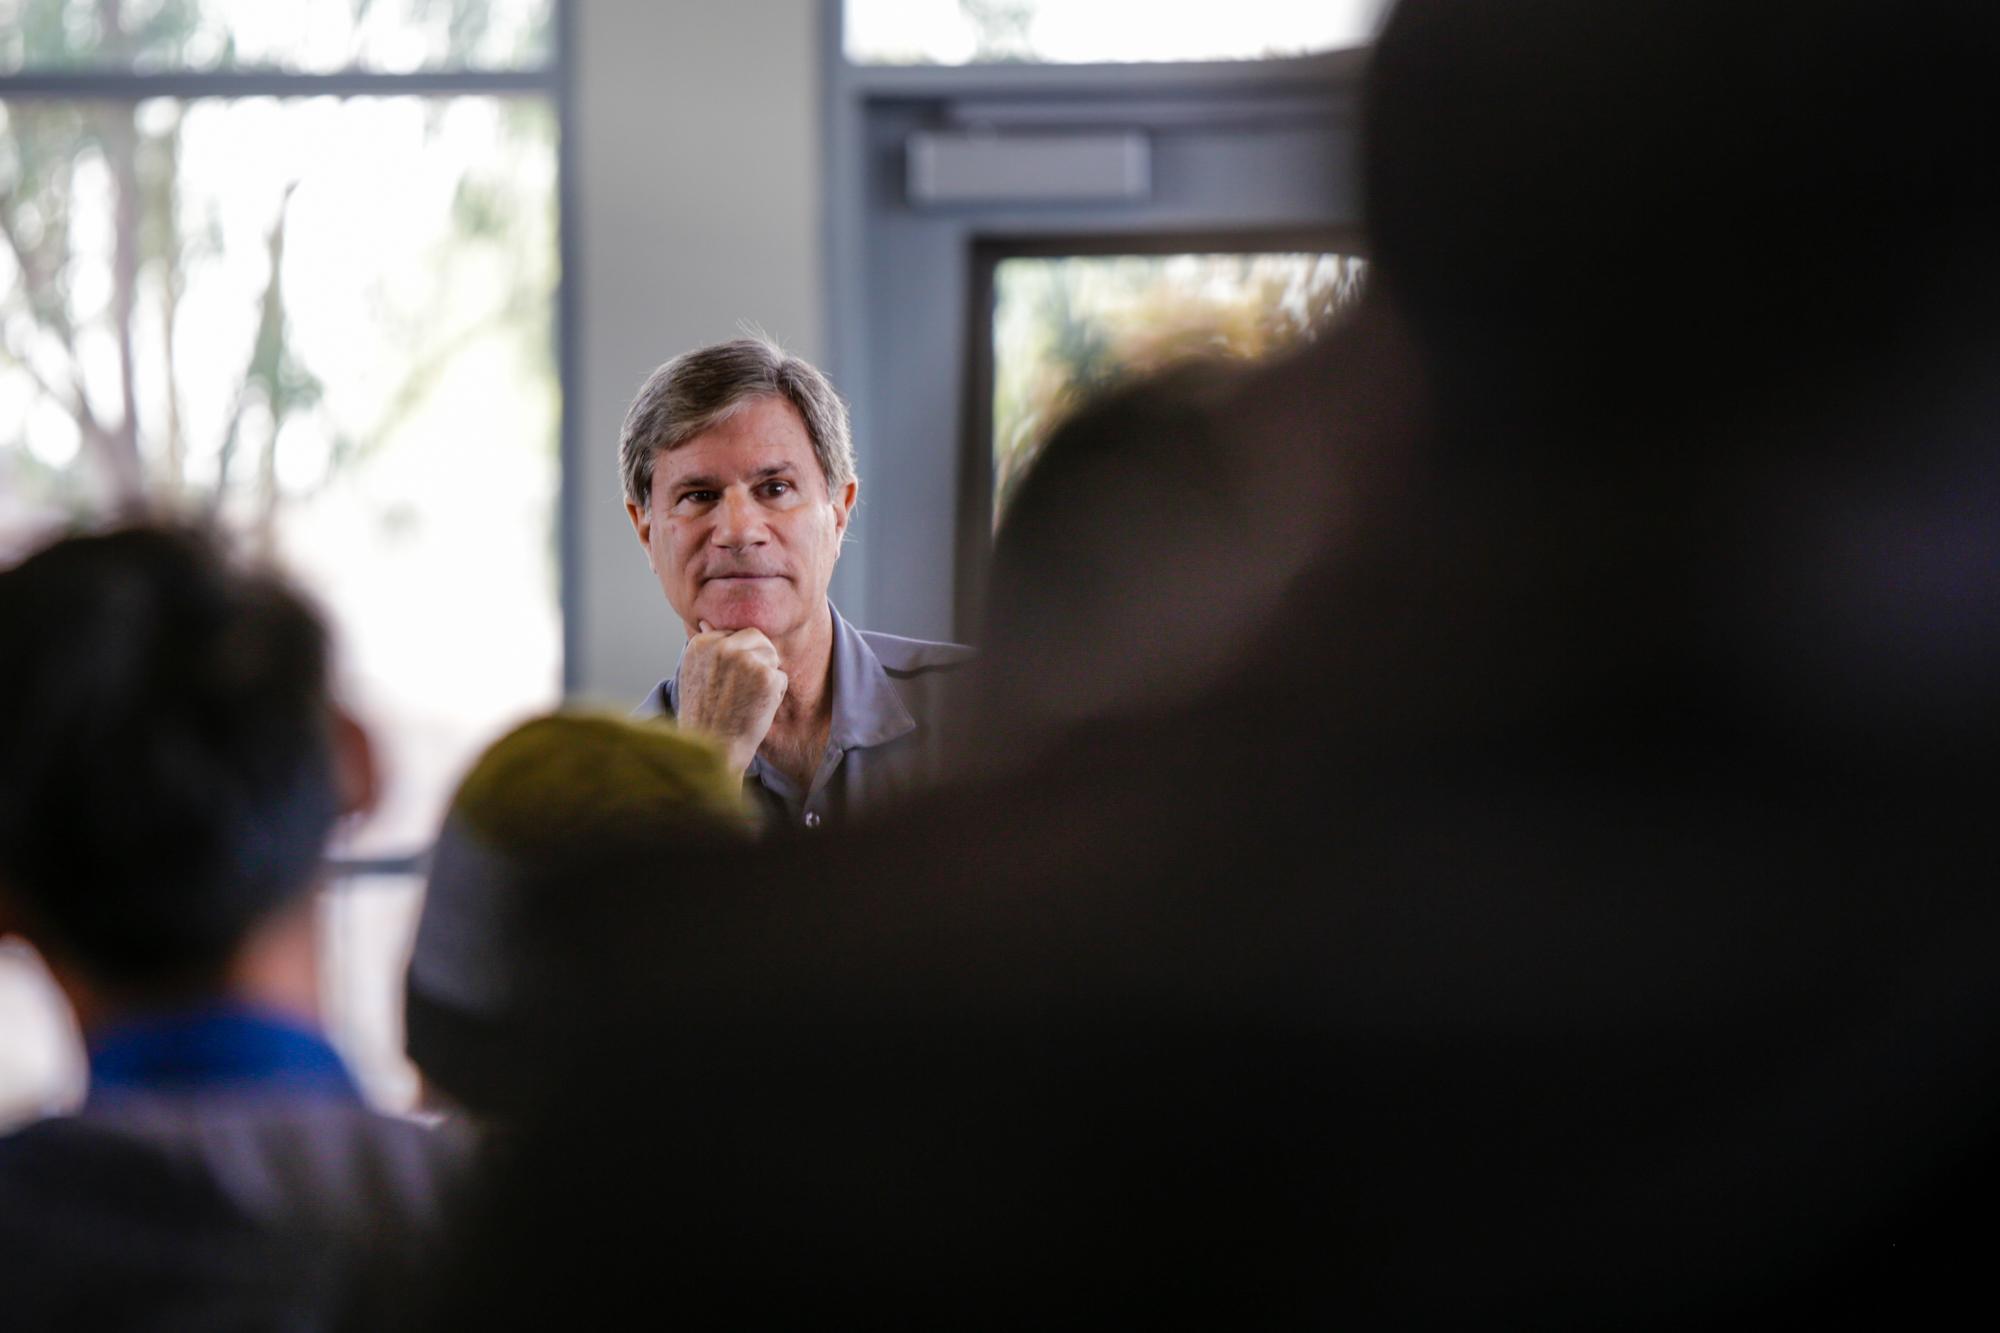 Ted talks at Pierce